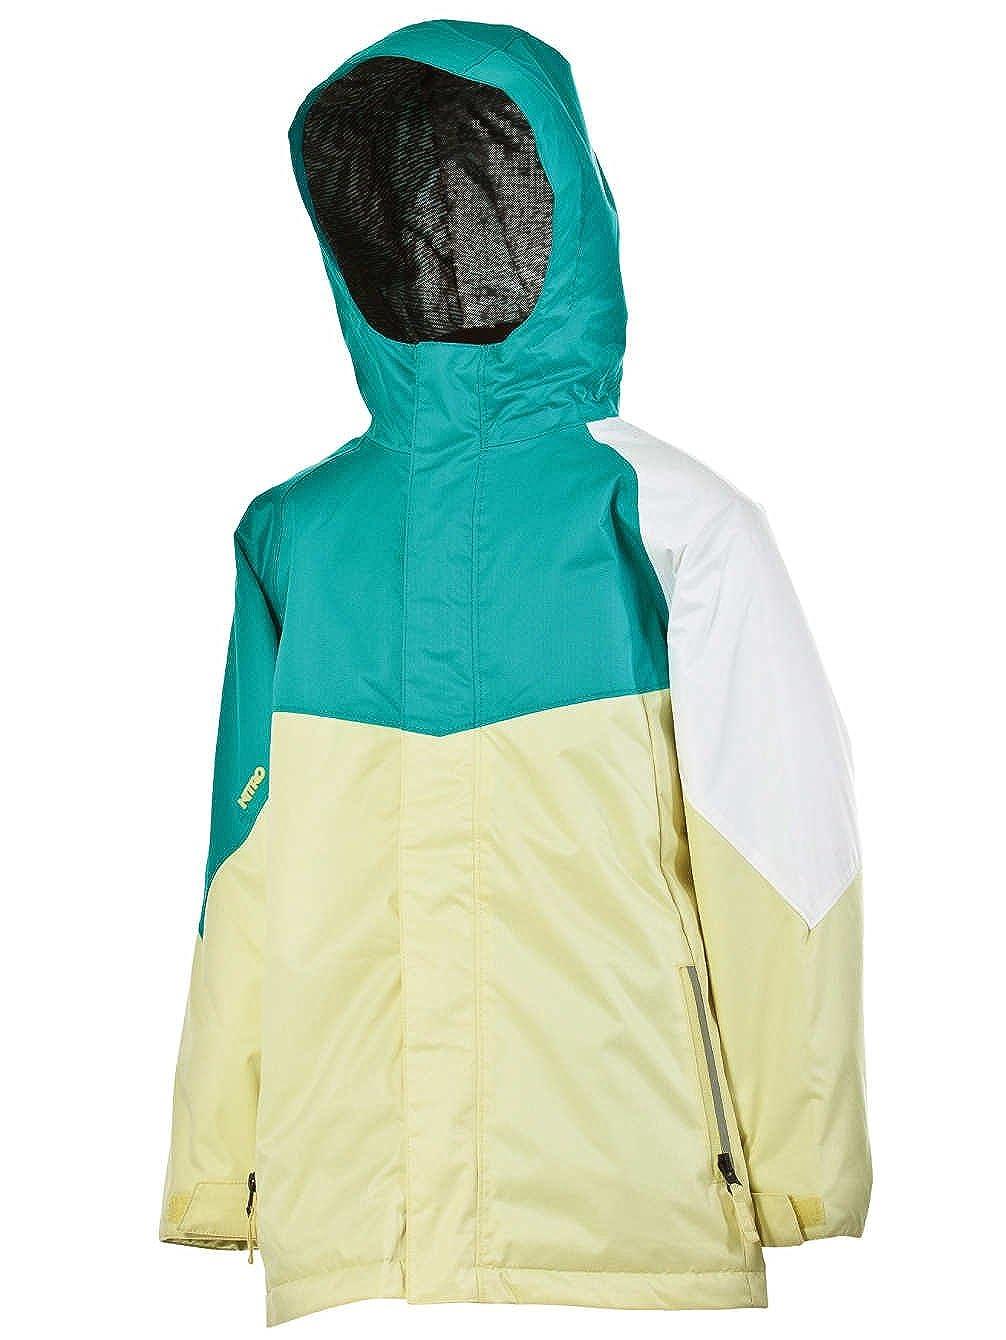 new style 7d97e 0210b Handschuhe für Herren Farbe Schwarz Salewa Ortles PTC Gloves ...